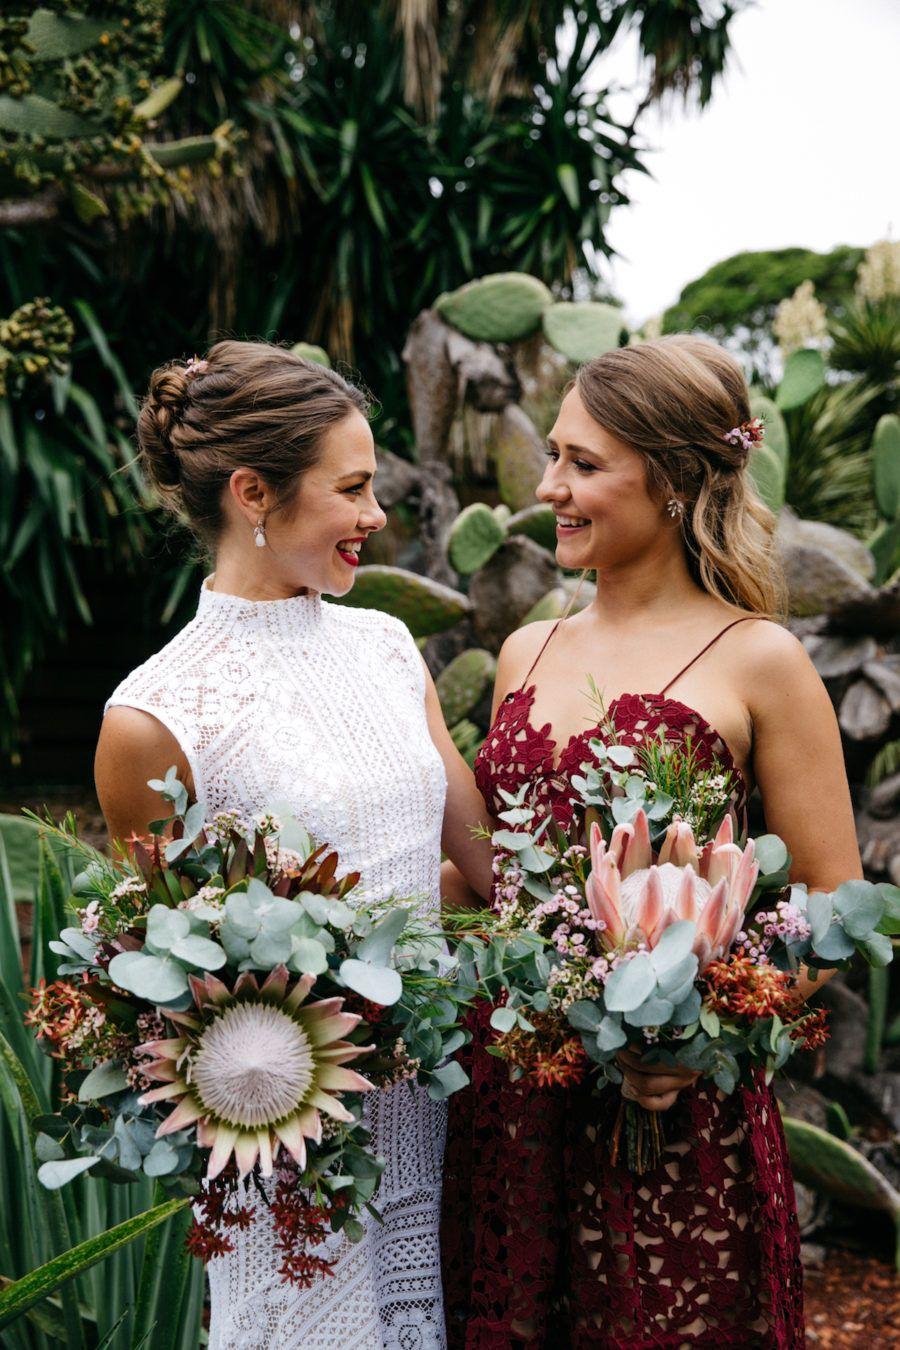 Petal & Fern creative wedding florist Sydney NSW